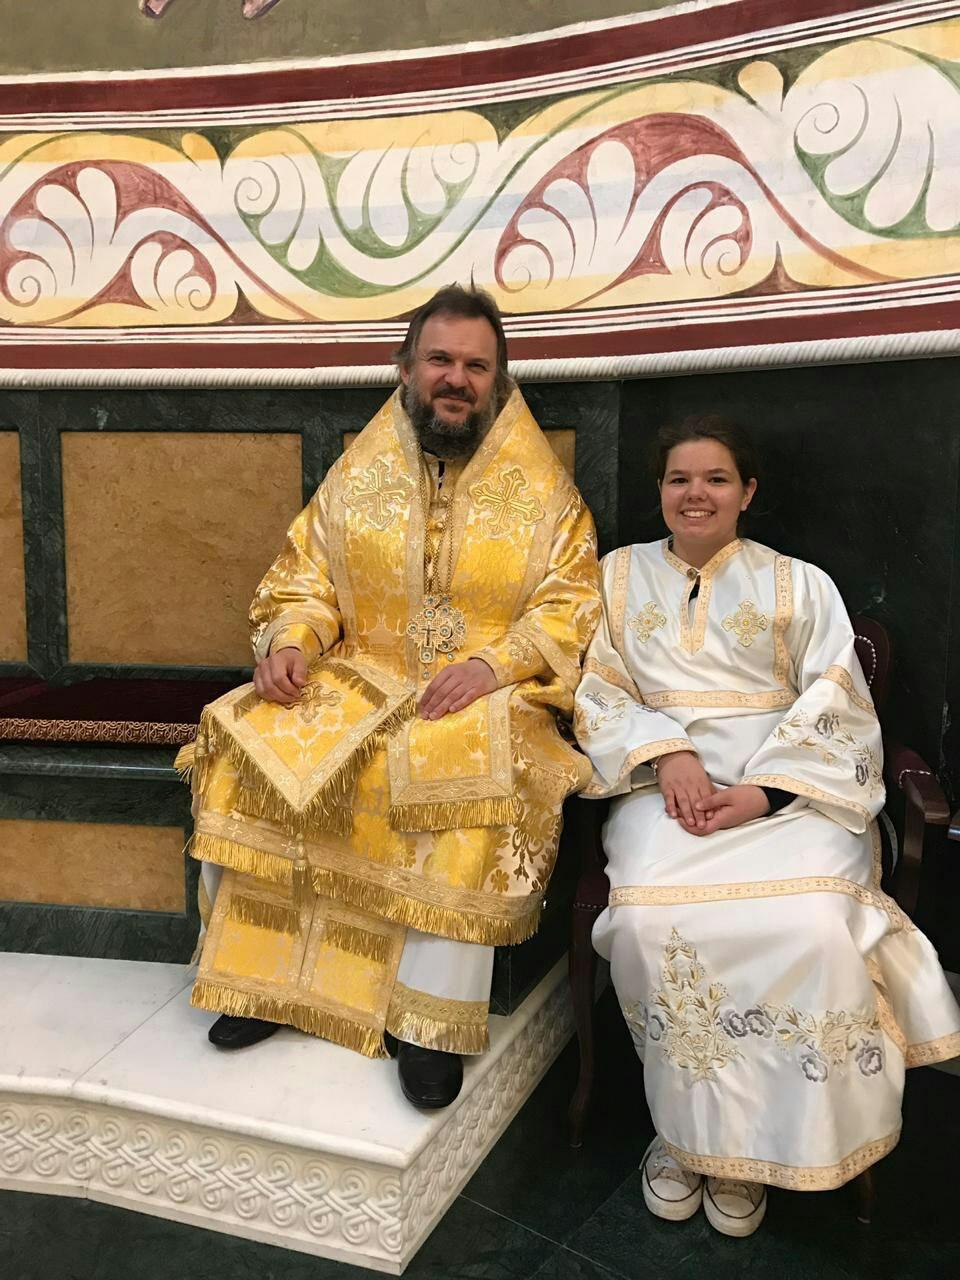 Амвросий Ермаков – реформатор, экуменист, авантюрист?